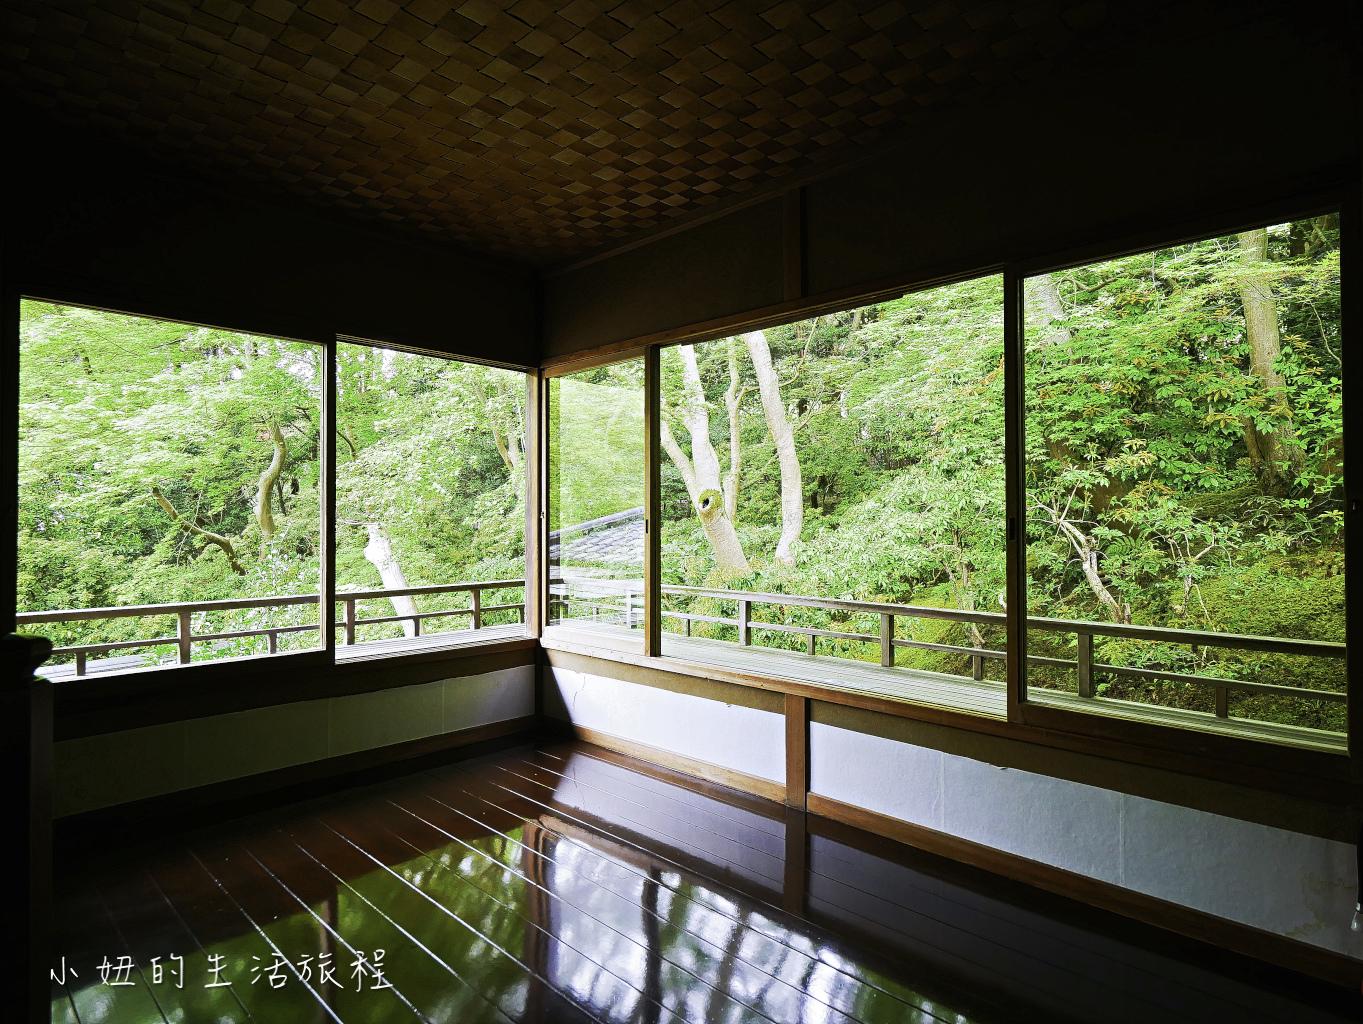 京都、大阪觀光乘車券(鞍馬&貴船地區擴大版)-55.jpg